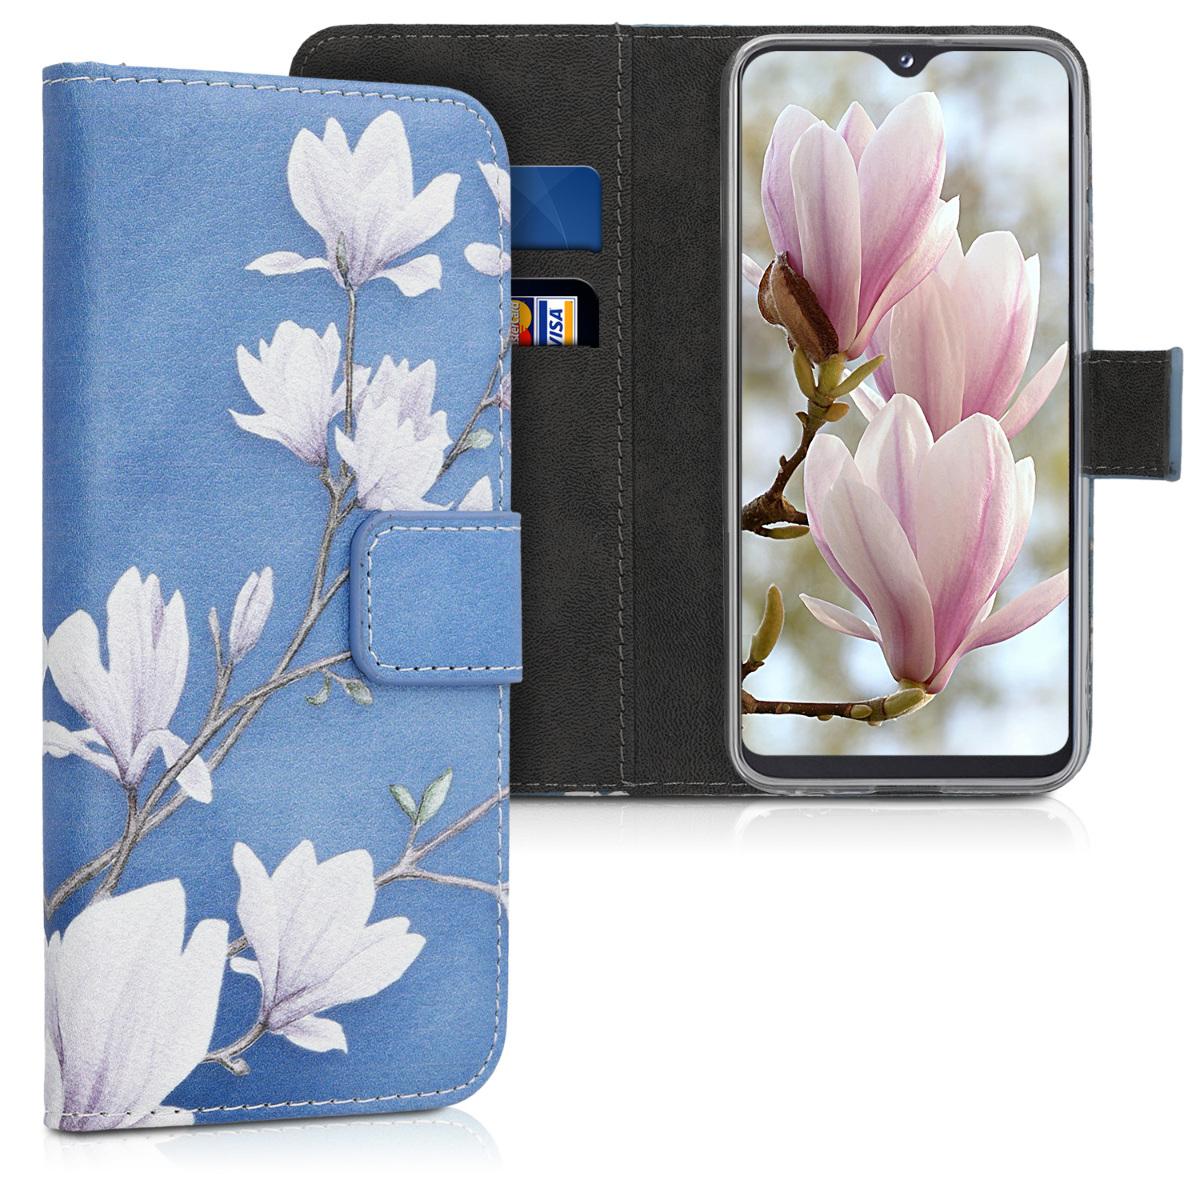 KW Θήκη Πορτοφόλι Samsung Galaxy A20e - Taupe / White / Blue Grey (48742.01)